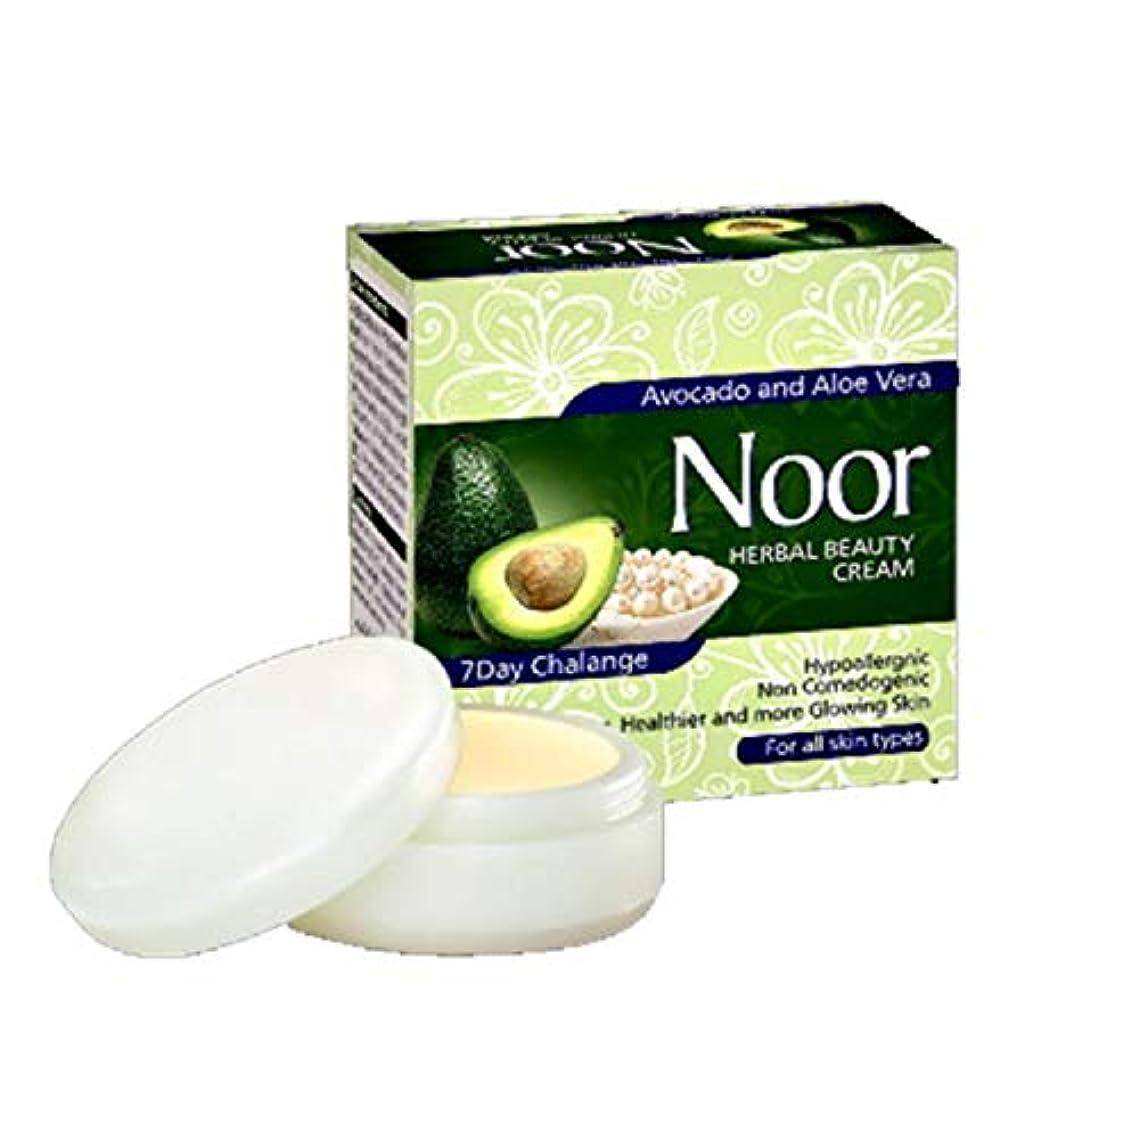 清める尽きる用語集Noor Herbal Beauty Cream Pimple, Spots Removing Anti ageing 2 PC